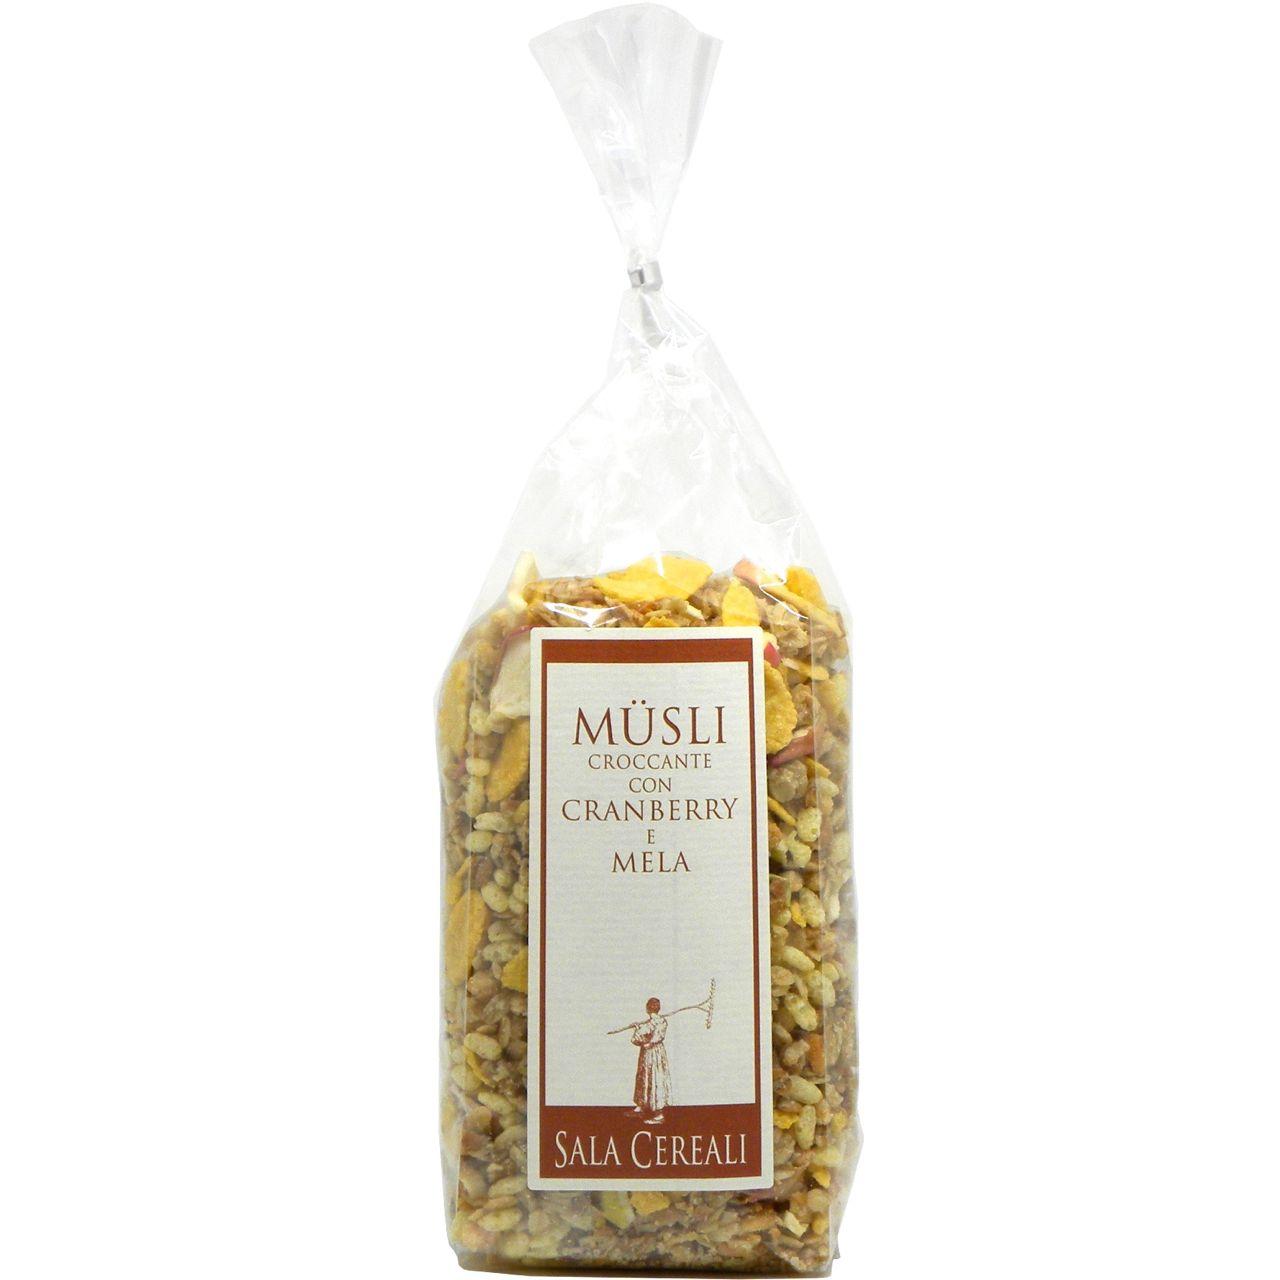 Müsli croccante cranberry mela Sala Cereali – Sala Cereali Crunchy Muesly Cranberries Apples – Gustorotondo – Italian food boutique